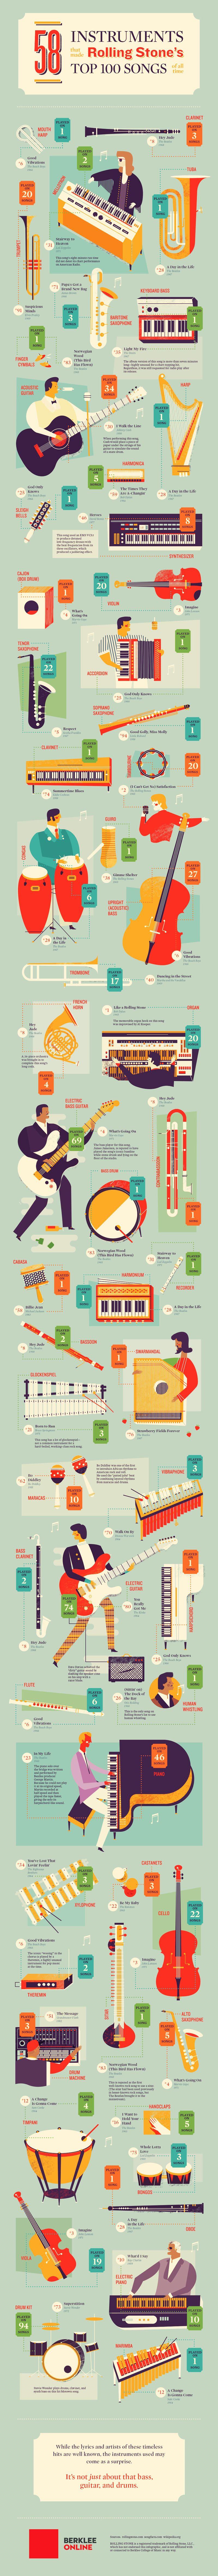 instrumenten Rolling Stones Top 100